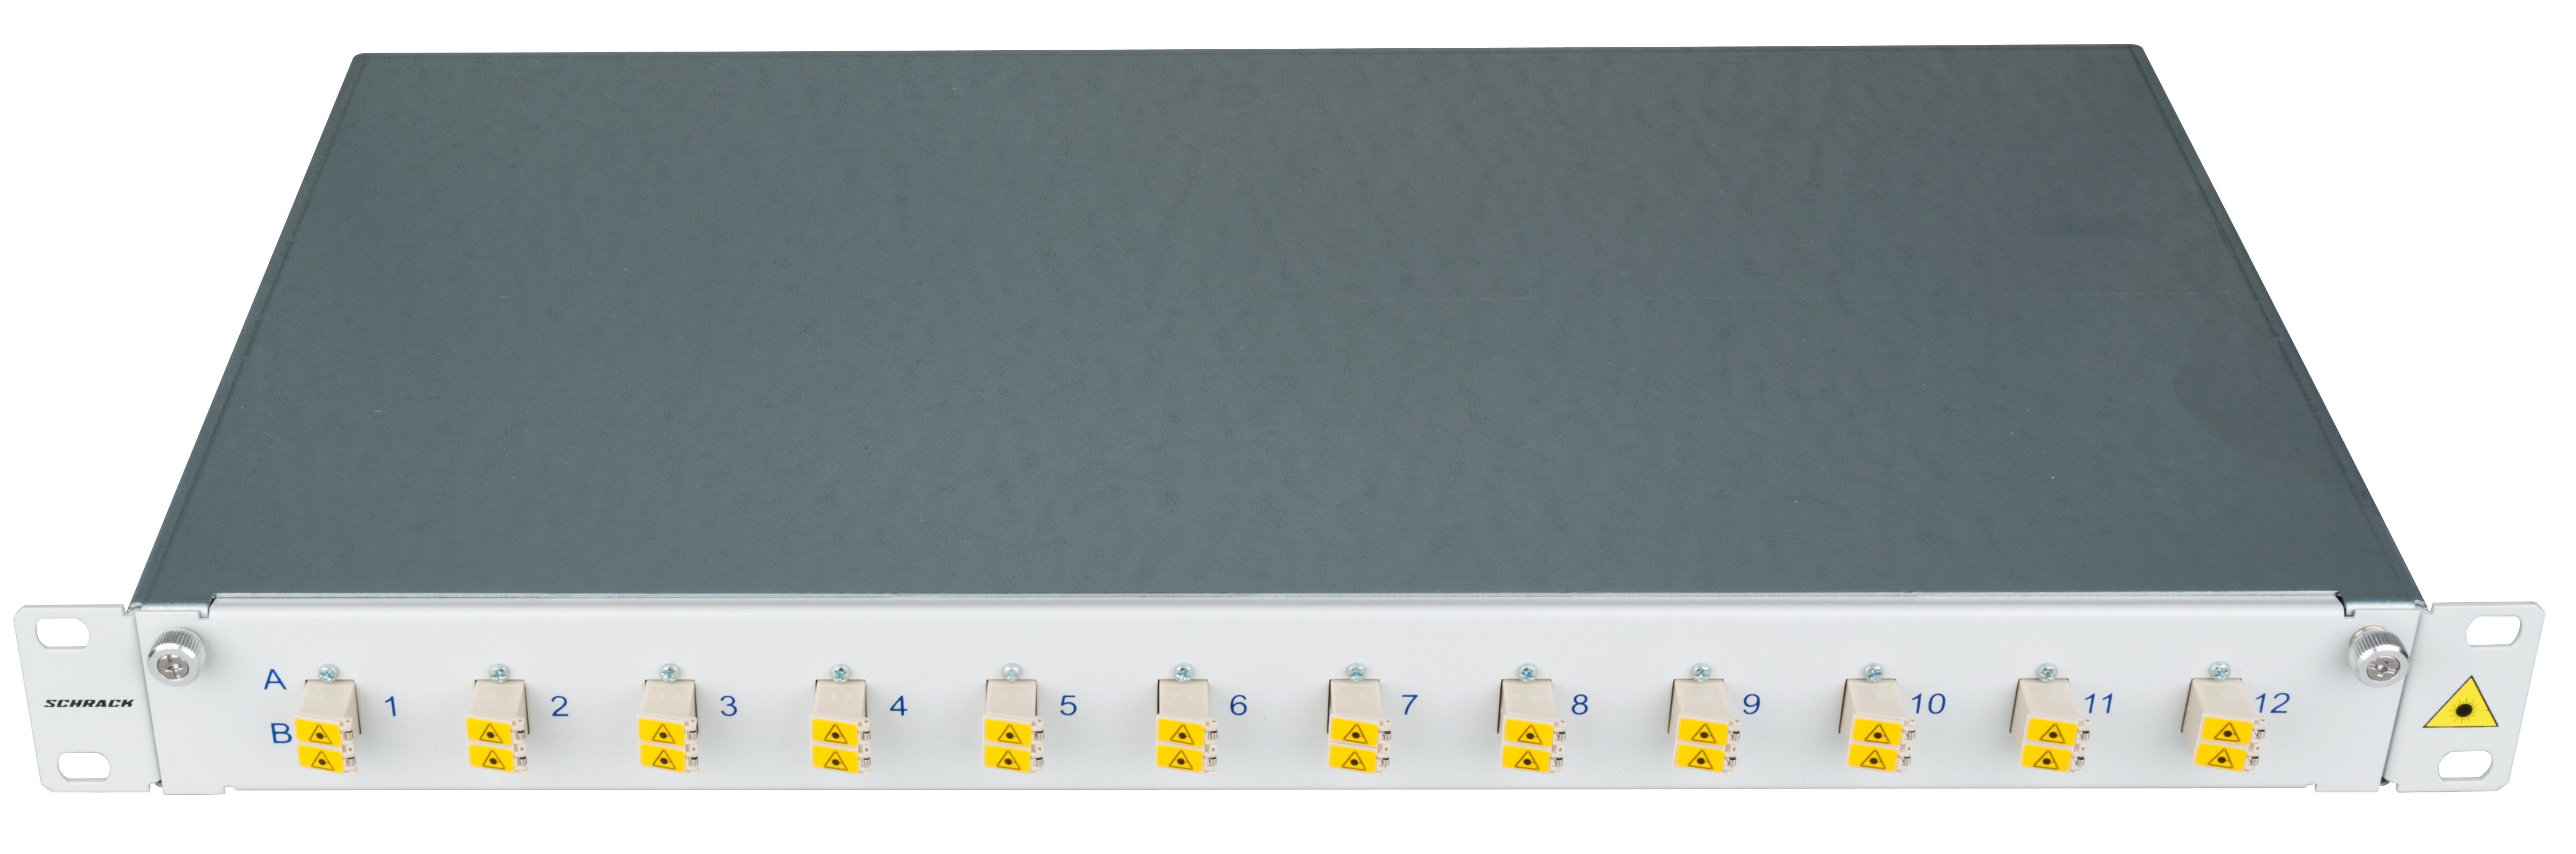 1 Stk LWL Patchpanel 19, 1 HE, ausziehbar, für 8 Fasern, LC, MM HSELS08MLG